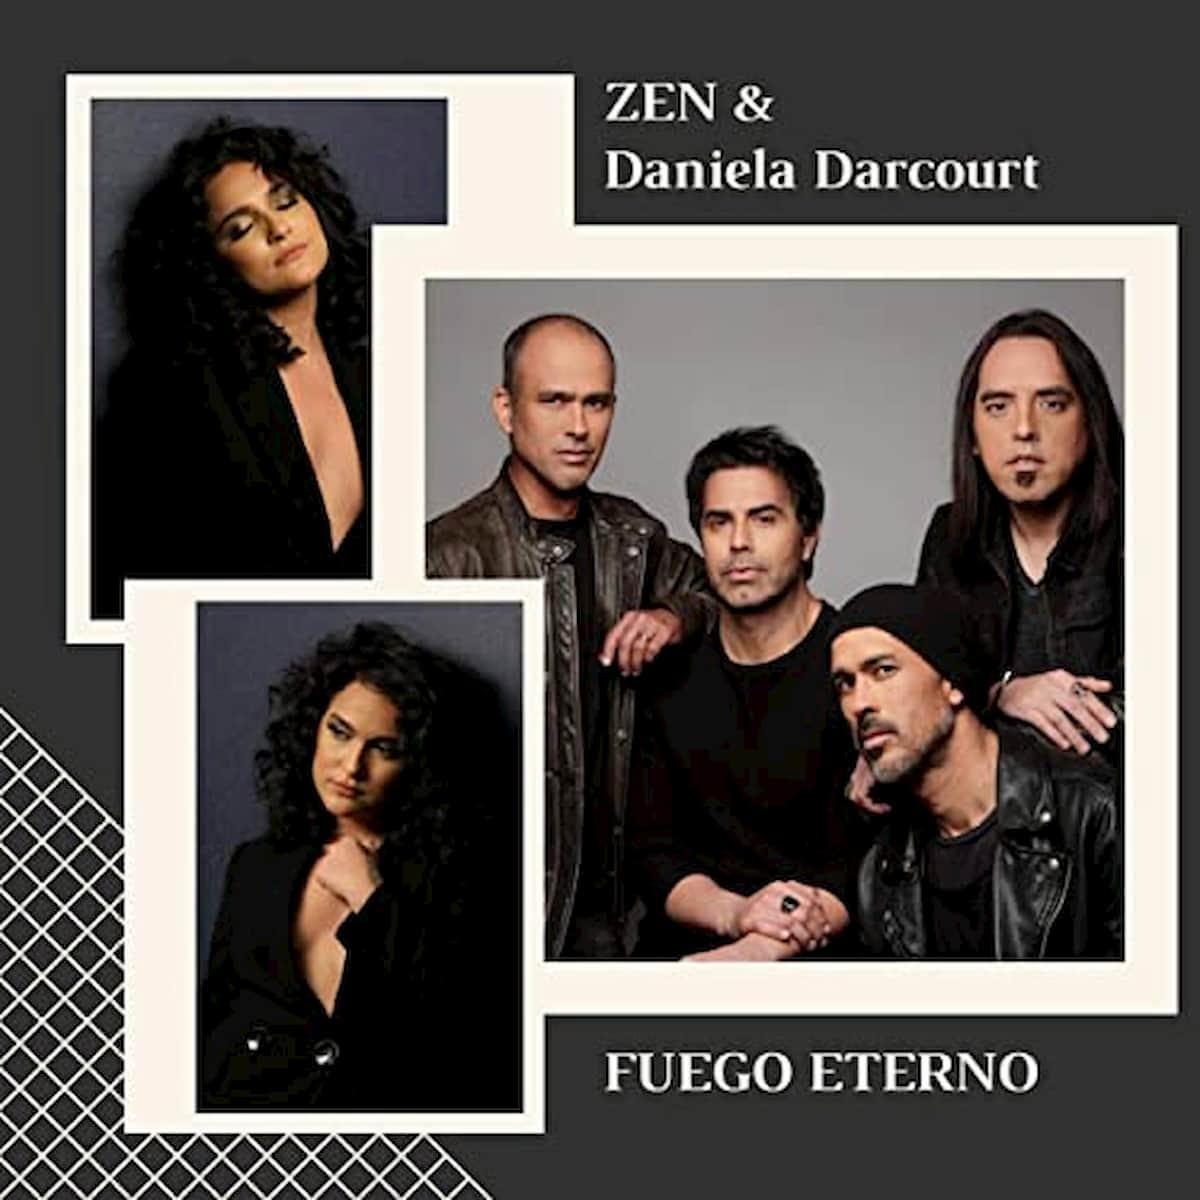 Daniela Darcourt Salsa-Sängerin (Peru) veröffentlicht Ballade Fuego Eterno mit der Band Zen